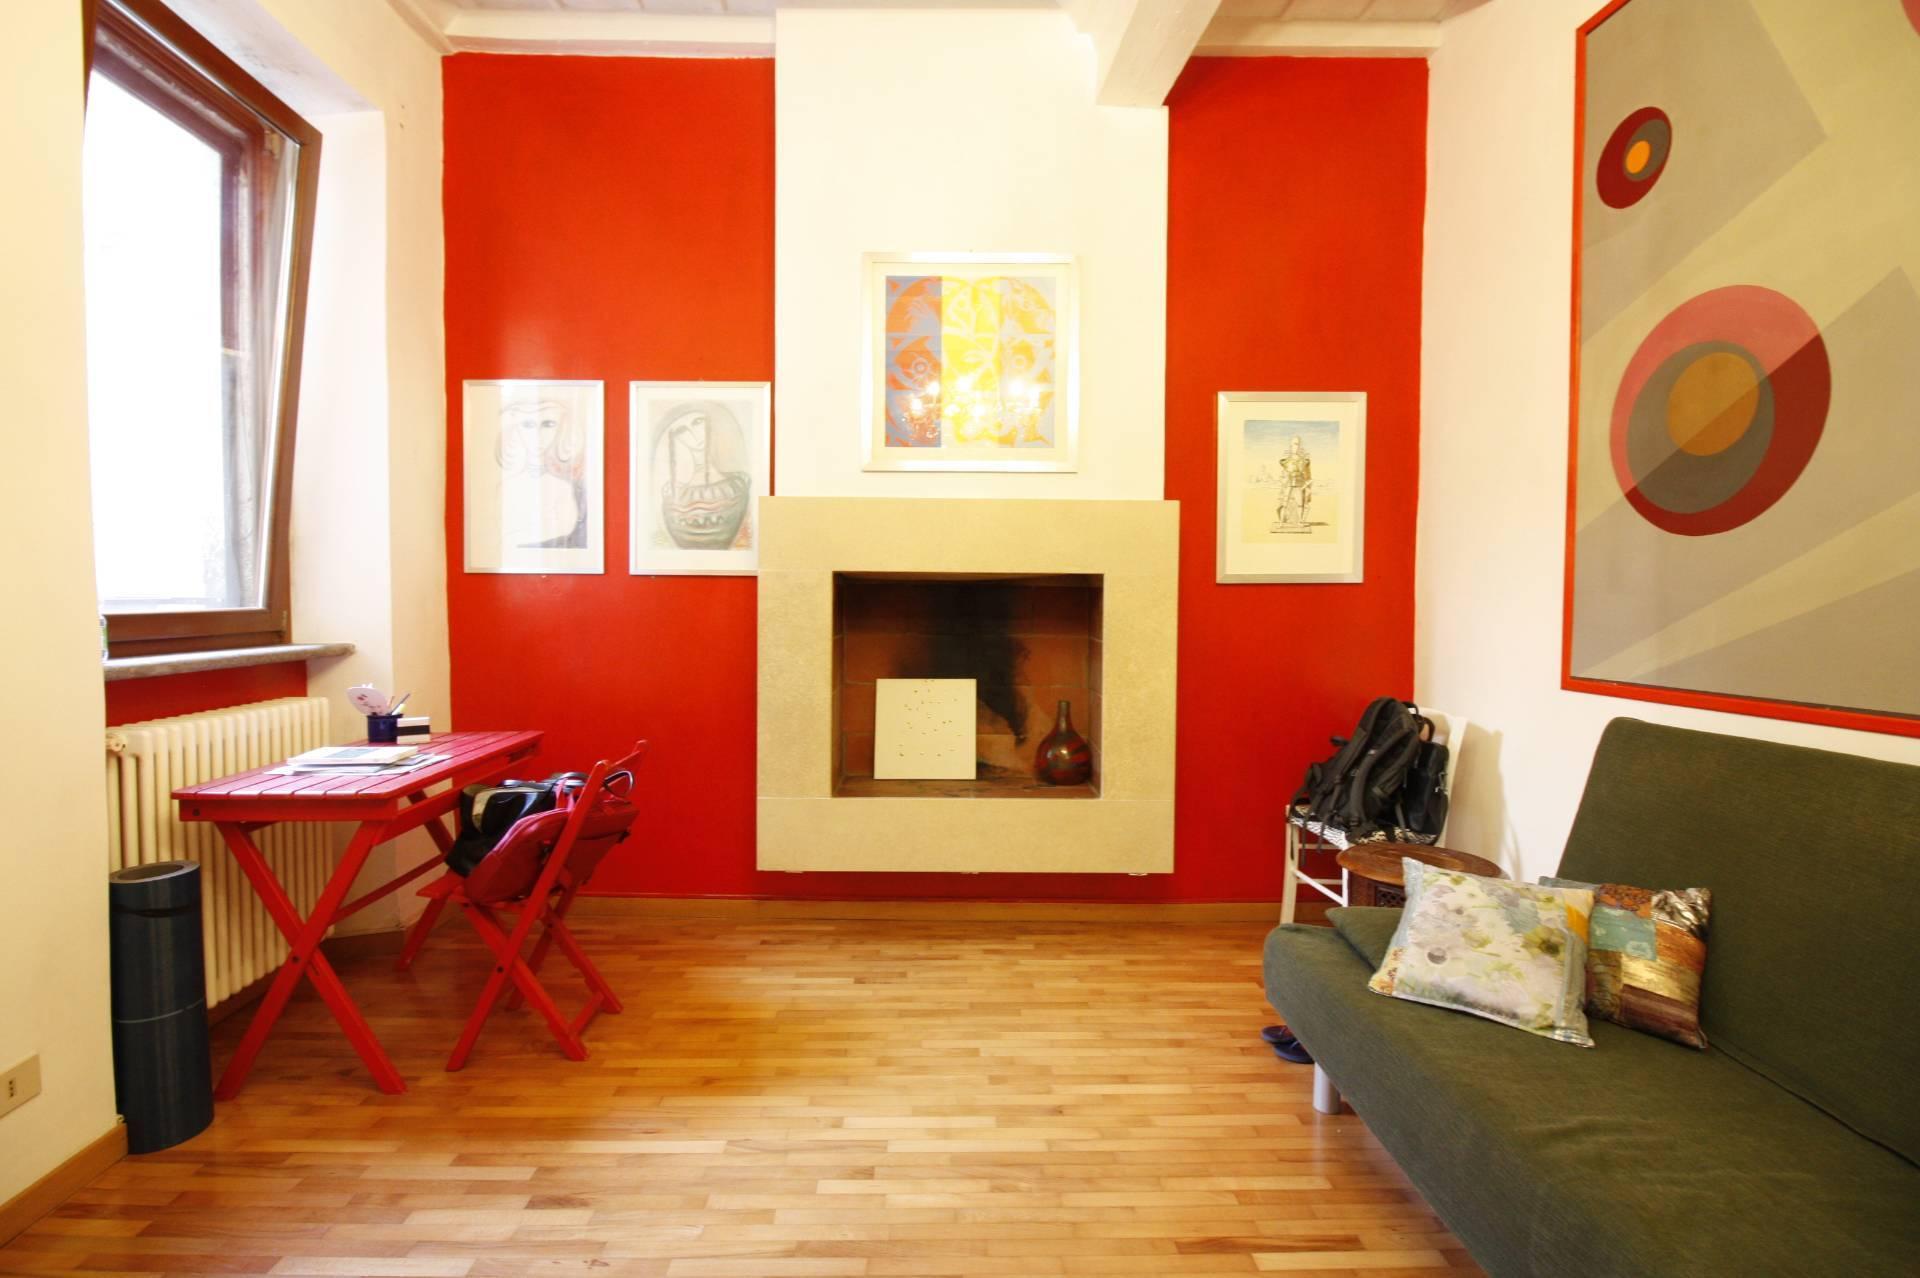 Appartamento in vendita a Ronciglione, 3 locali, zona Località: centrale, prezzo € 79.000   CambioCasa.it